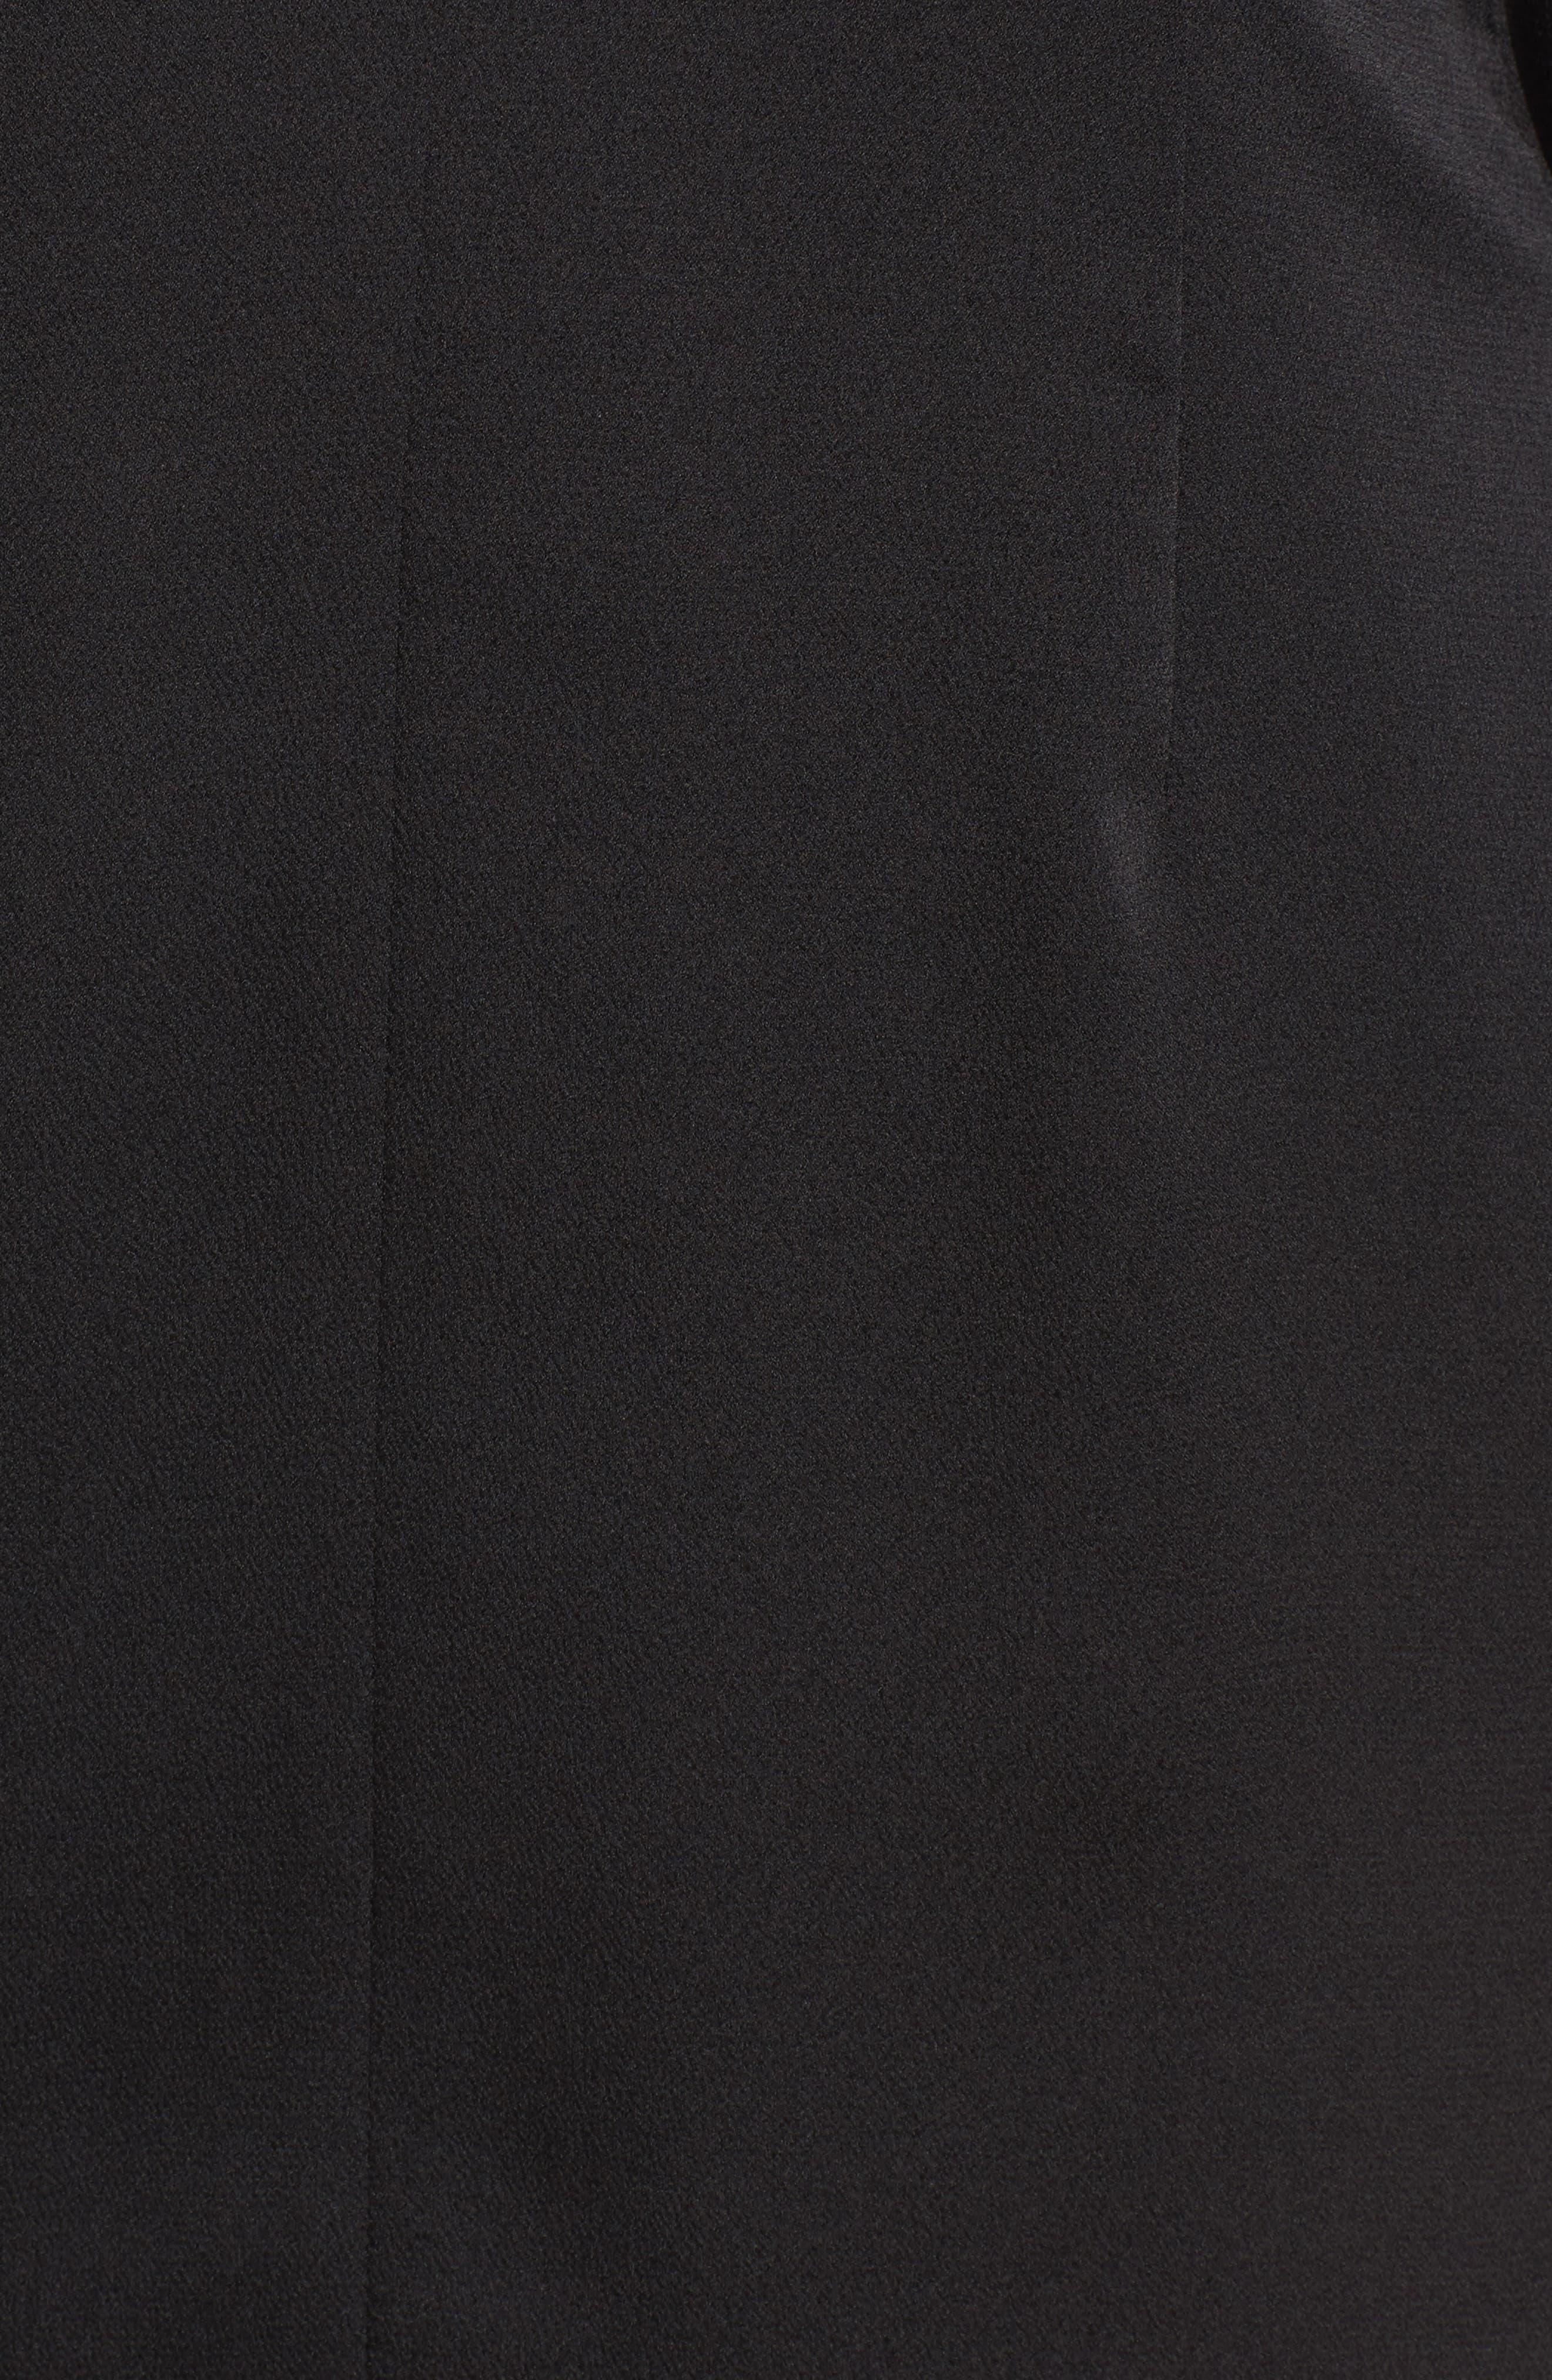 Raindrops Midi Dress,                             Alternate thumbnail 5, color,                             001